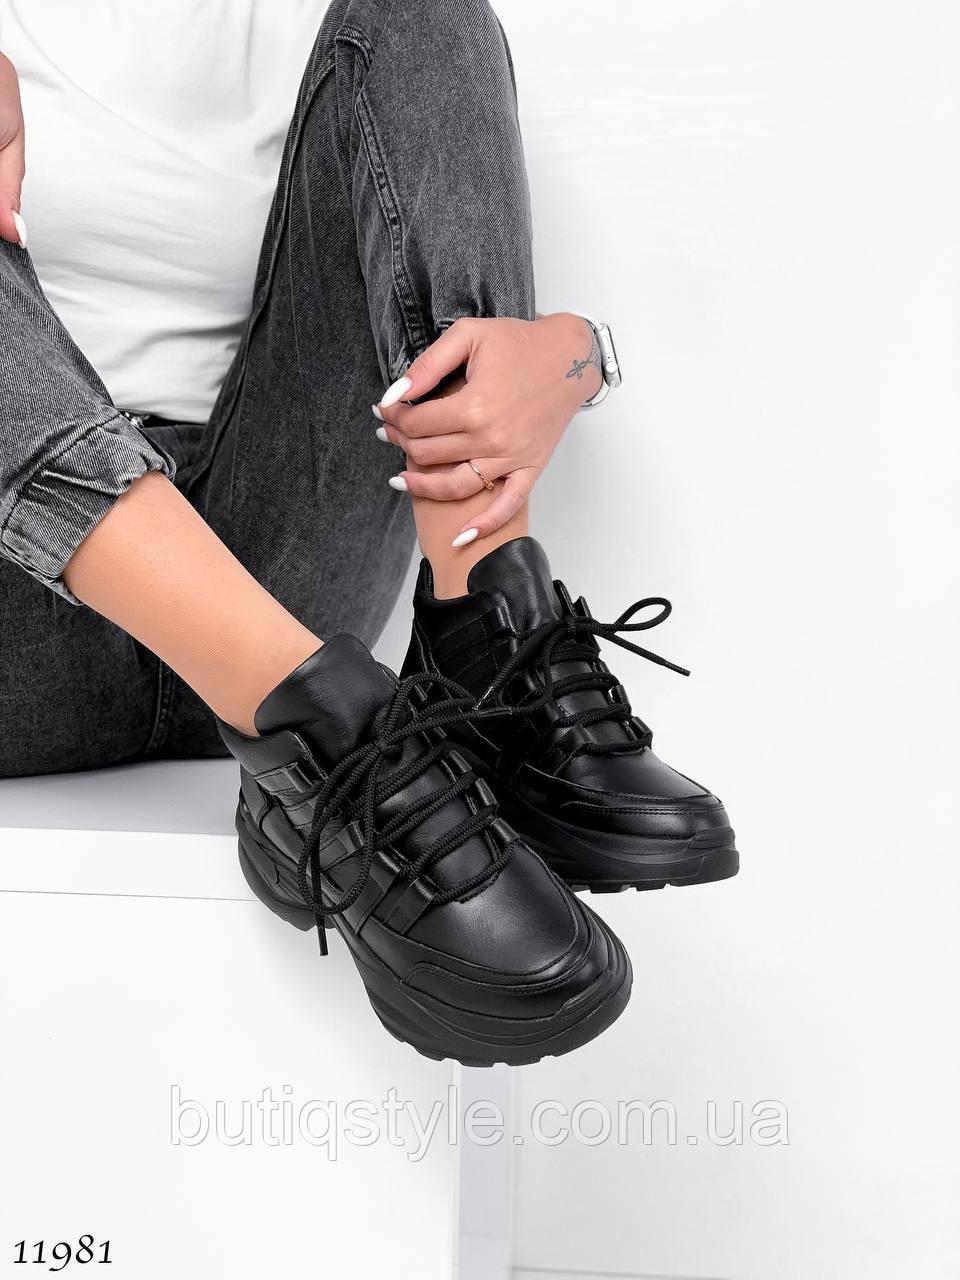 Женские высокие черные кроссовки натуральная кожа